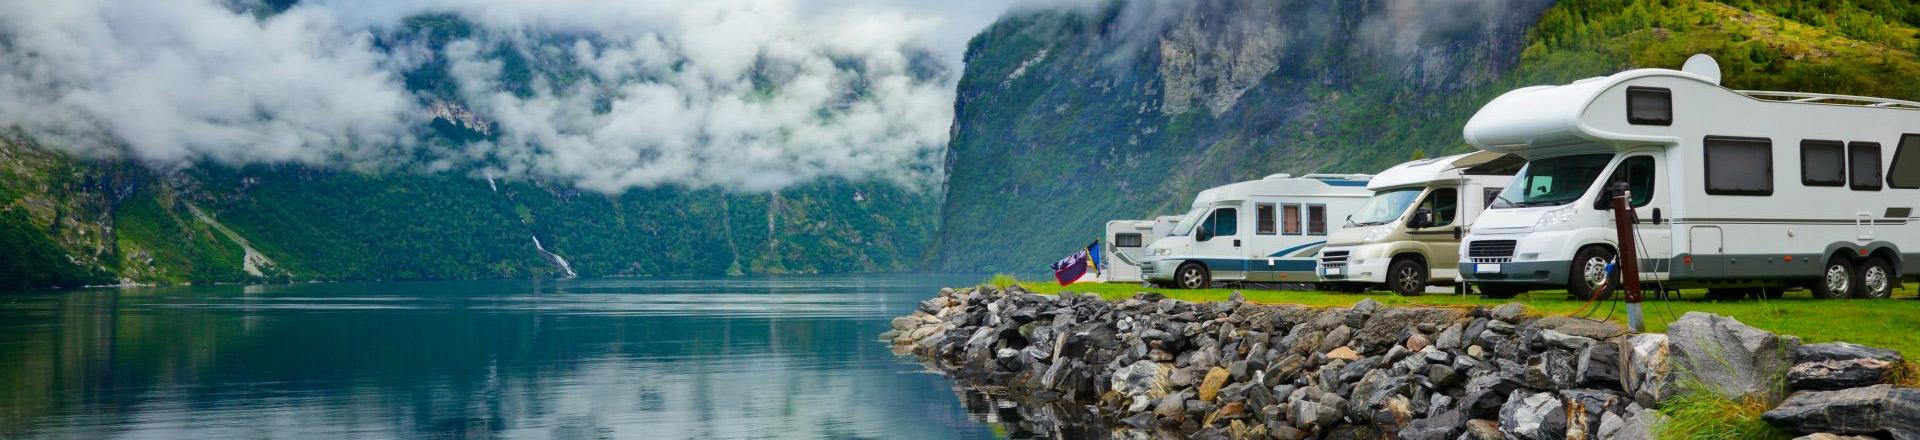 Urlaub-Schutz-Paket - Bild mit Reisemobilen